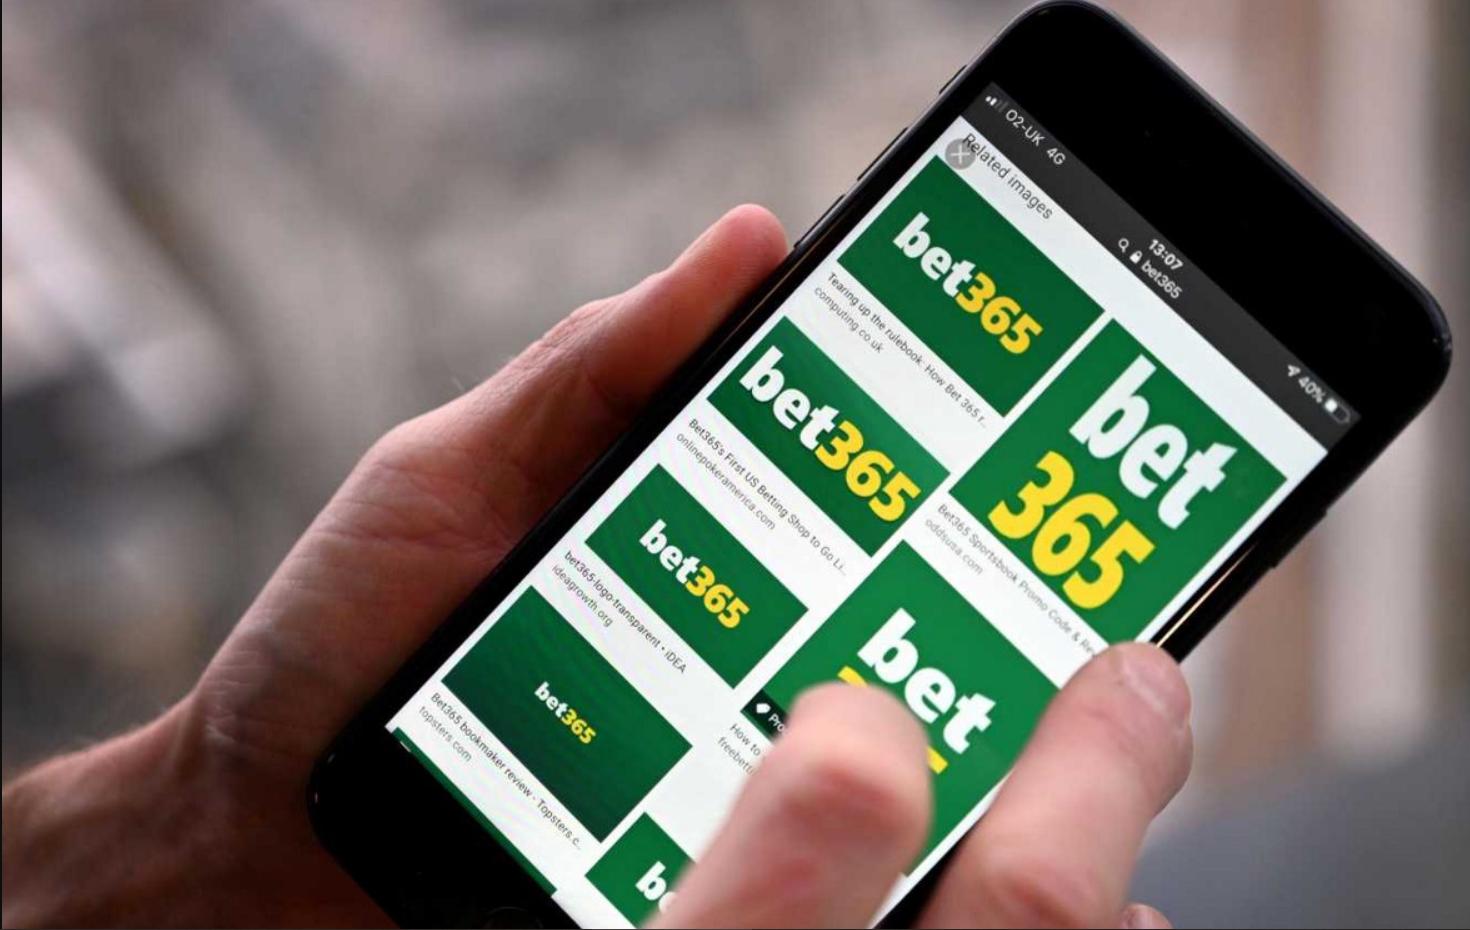 Bet365 բջջային հավելված-ի հետ խաղադրույքներն ամենուր հասանելի են